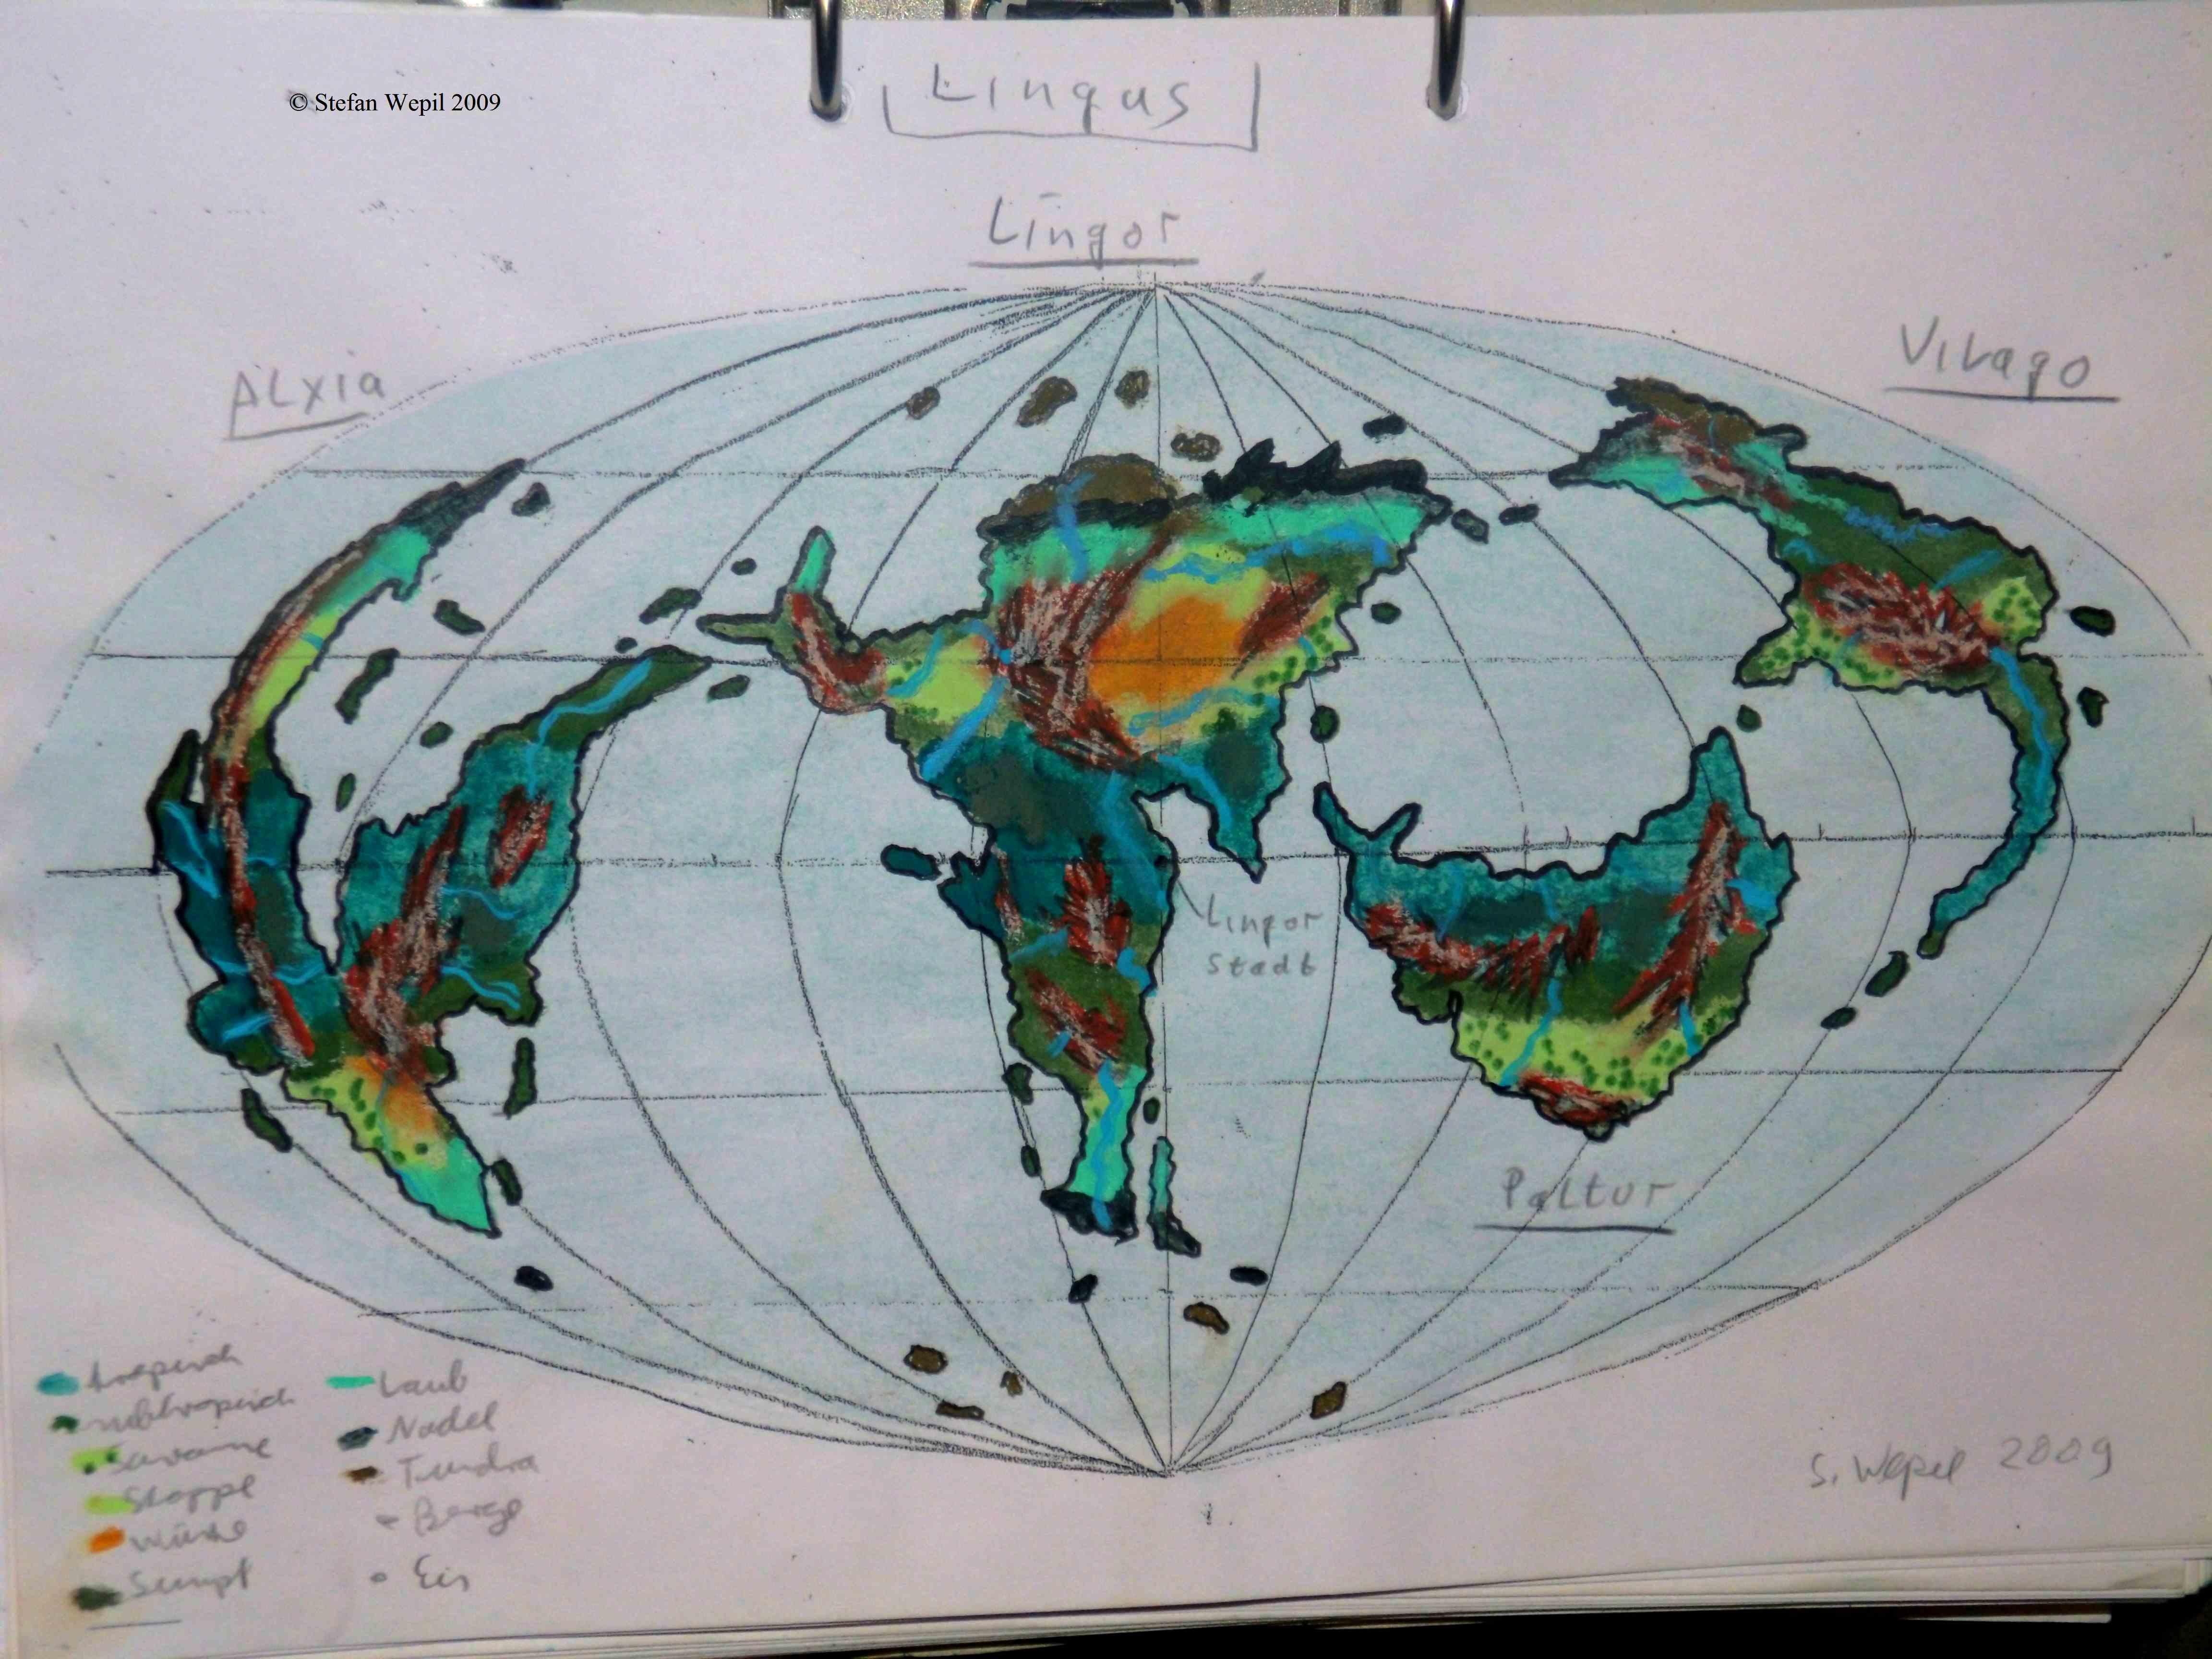 Landkarte des Planeten Lingus in Cartwheel (C) Stefan Wepil